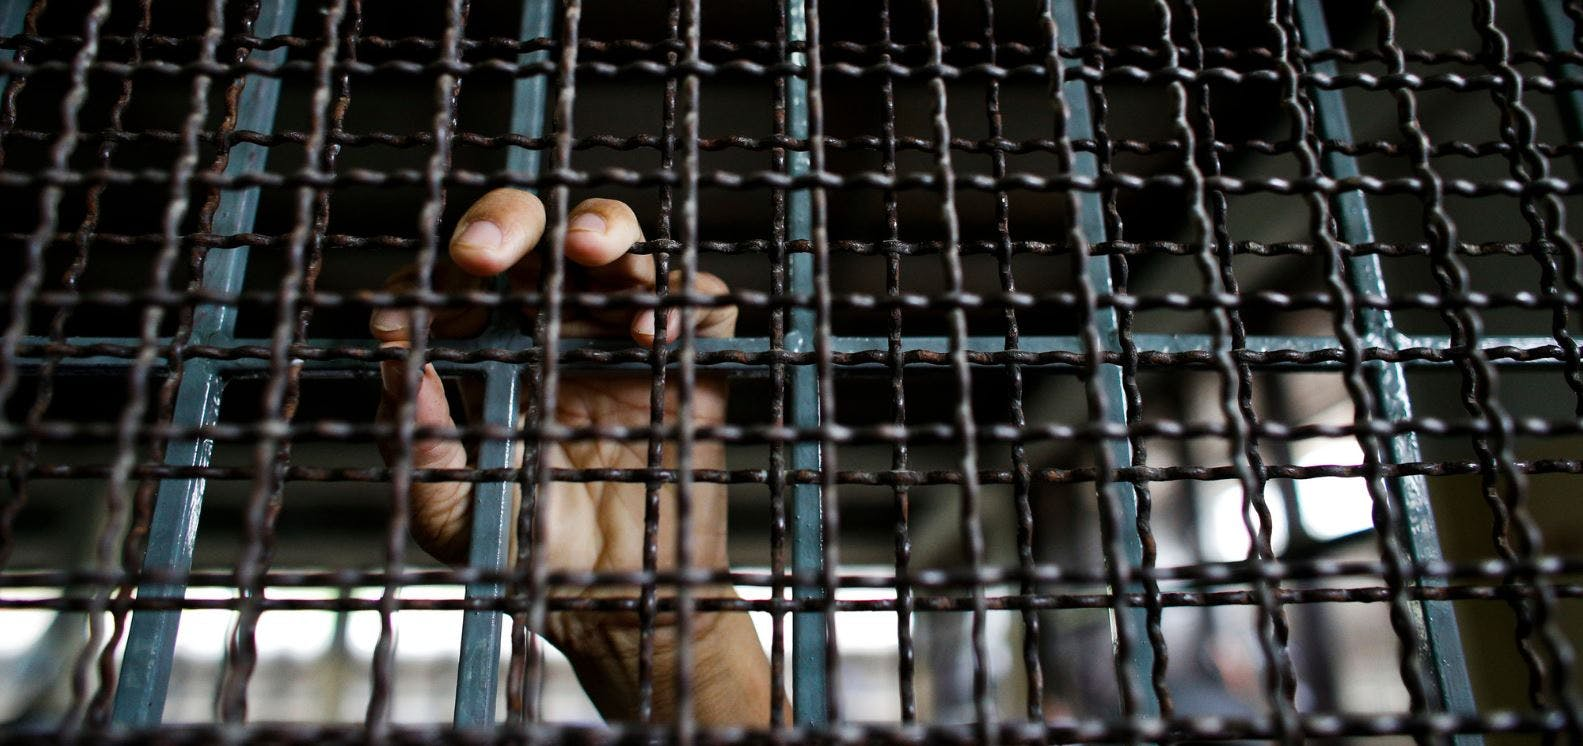 Un demandeur d'asile rohingya dans une cellule du centre de détention  pour migrants de la province de Kanchanaburi - Thaïlande 10/07/2013